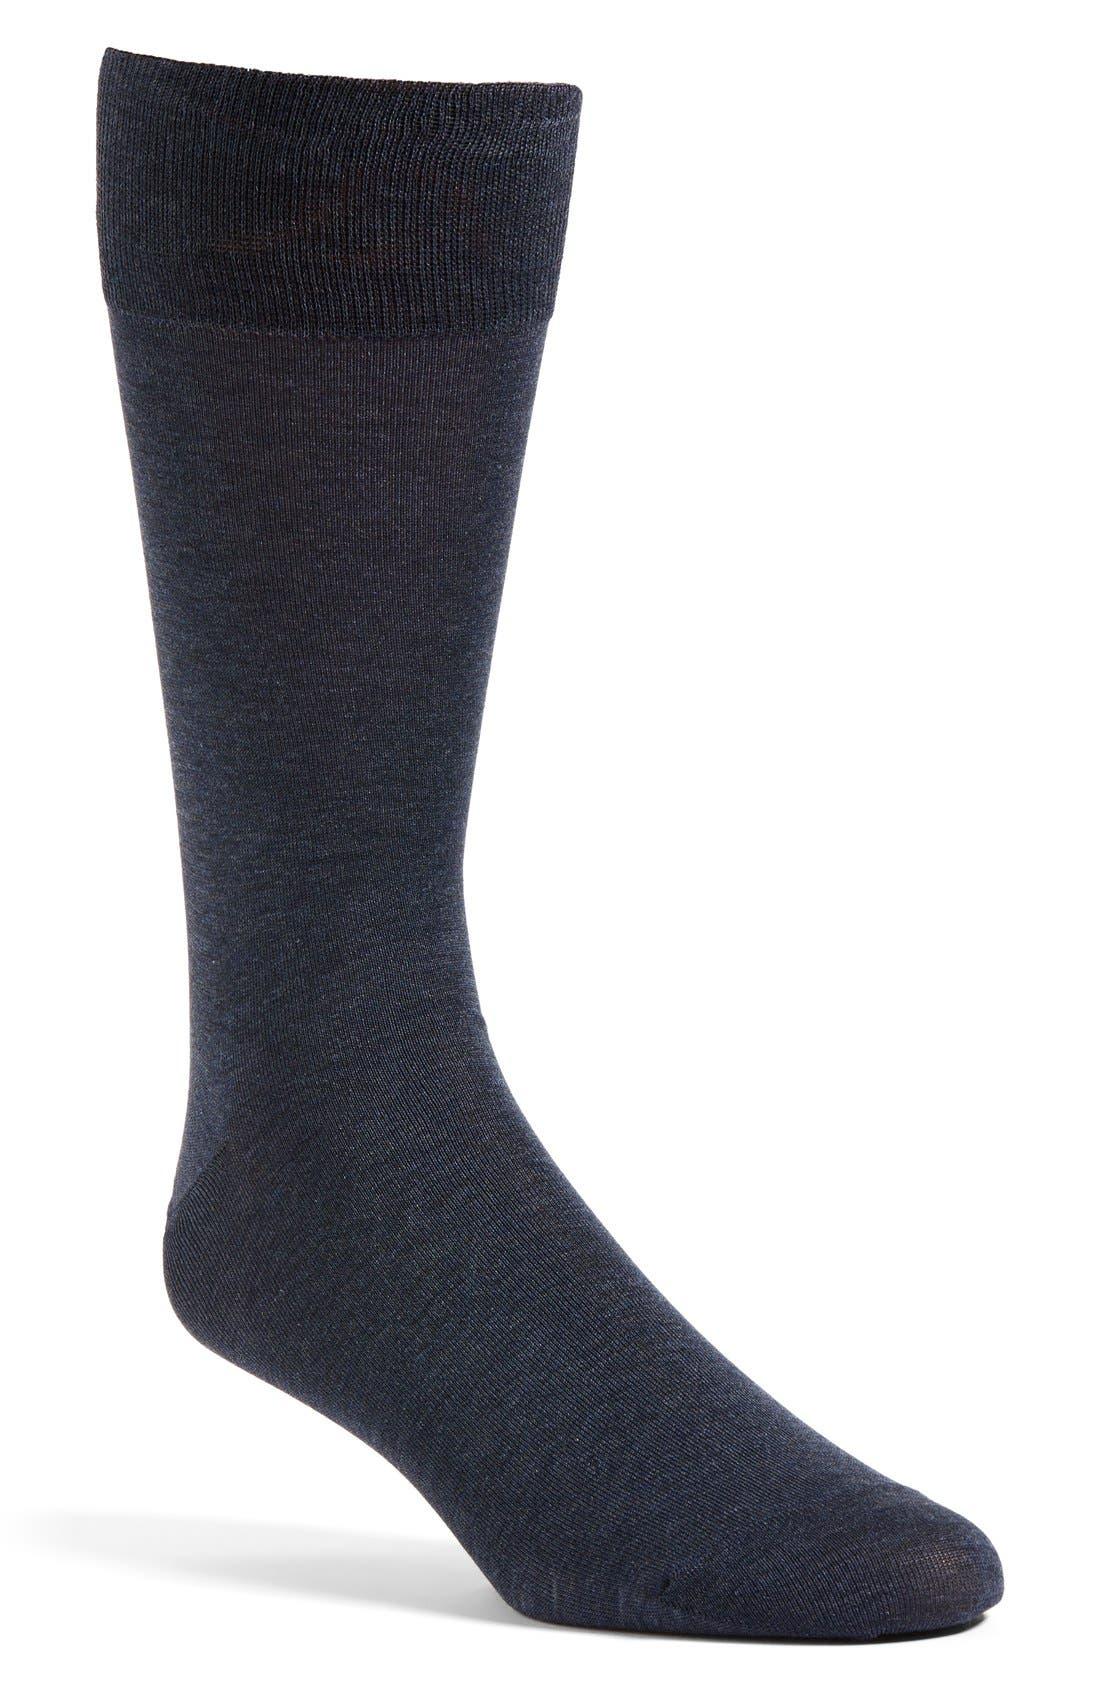 Alternate Image 1 Selected - John W. Nordstrom® Socks (Men) (3 for $40)